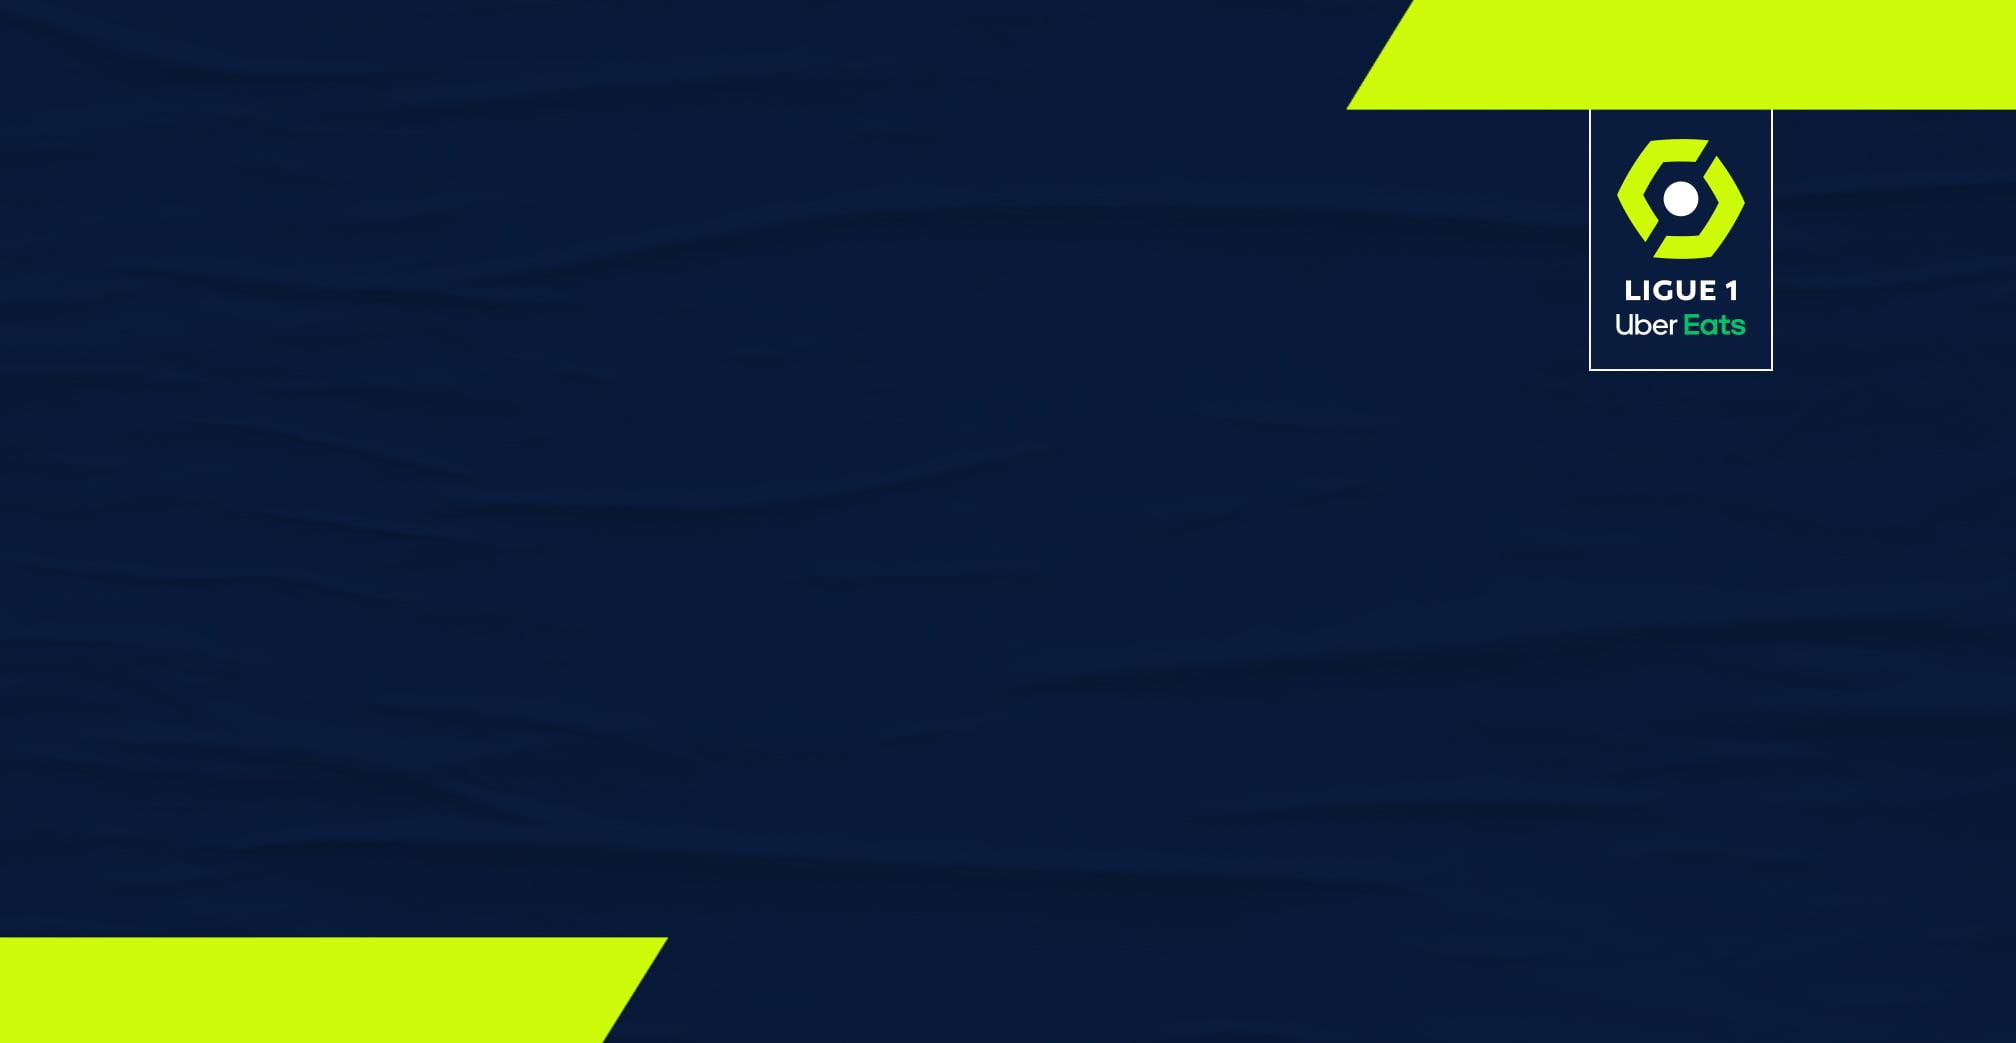 Ligue 1 Uber Eats : le calendrier de la saison 2020/2021